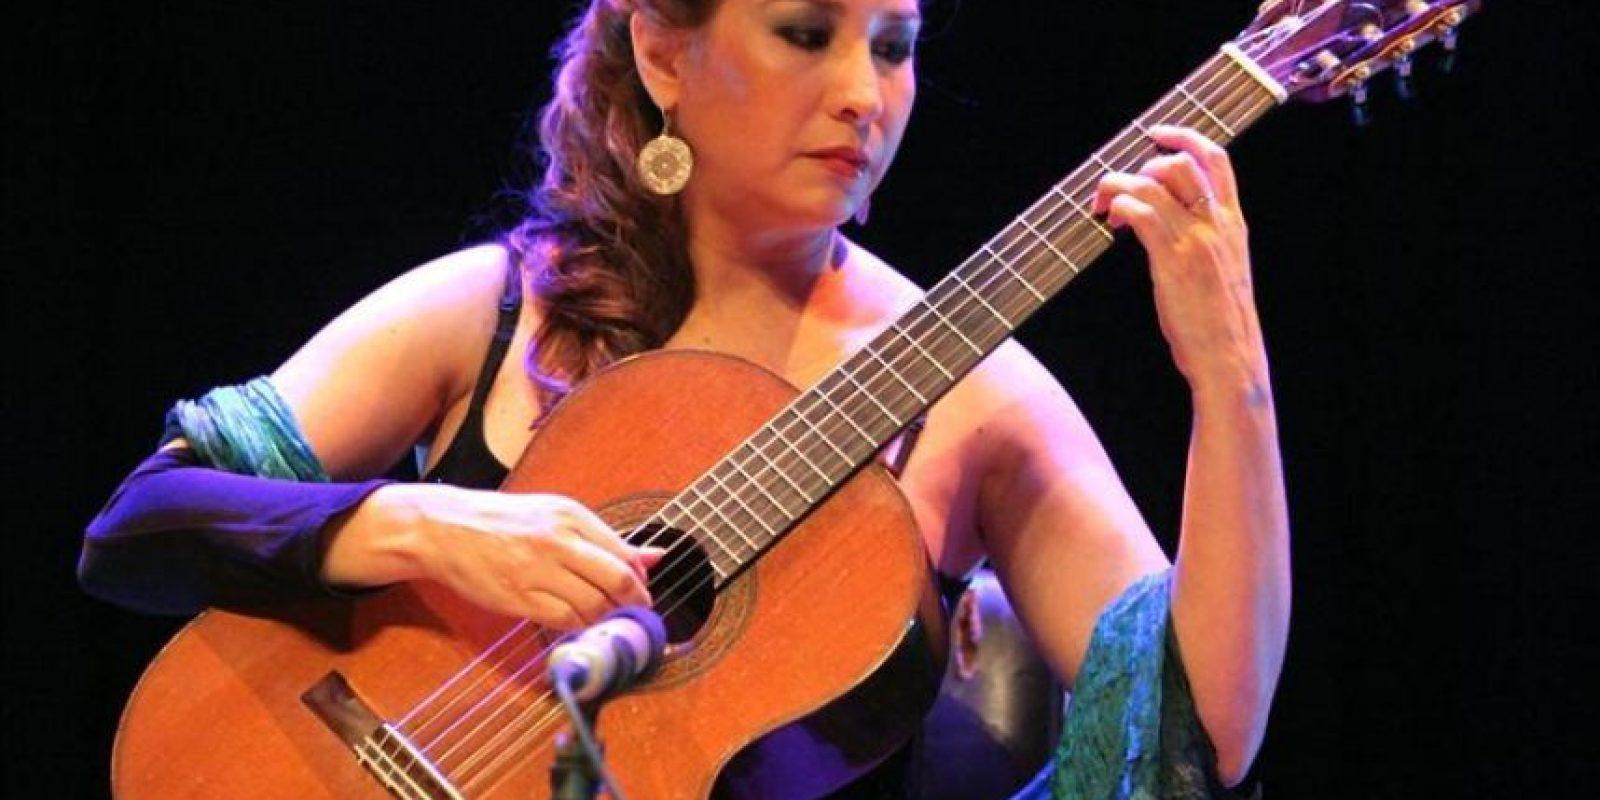 La guitarrista paraguaya Luz María Bobadilla se presenta EL 23 de febrero de 2012, en Asunción (Paraguay). De la mano del saxofonista español Jorge Pardo, un conjunto musical sorprendió al público de la capital paraguaya con un concierto que ofreció piezas de jazz, clásica, tradicionales guaranias por bulerías y la hermosa danza de una flamenca paraguaya. EFE